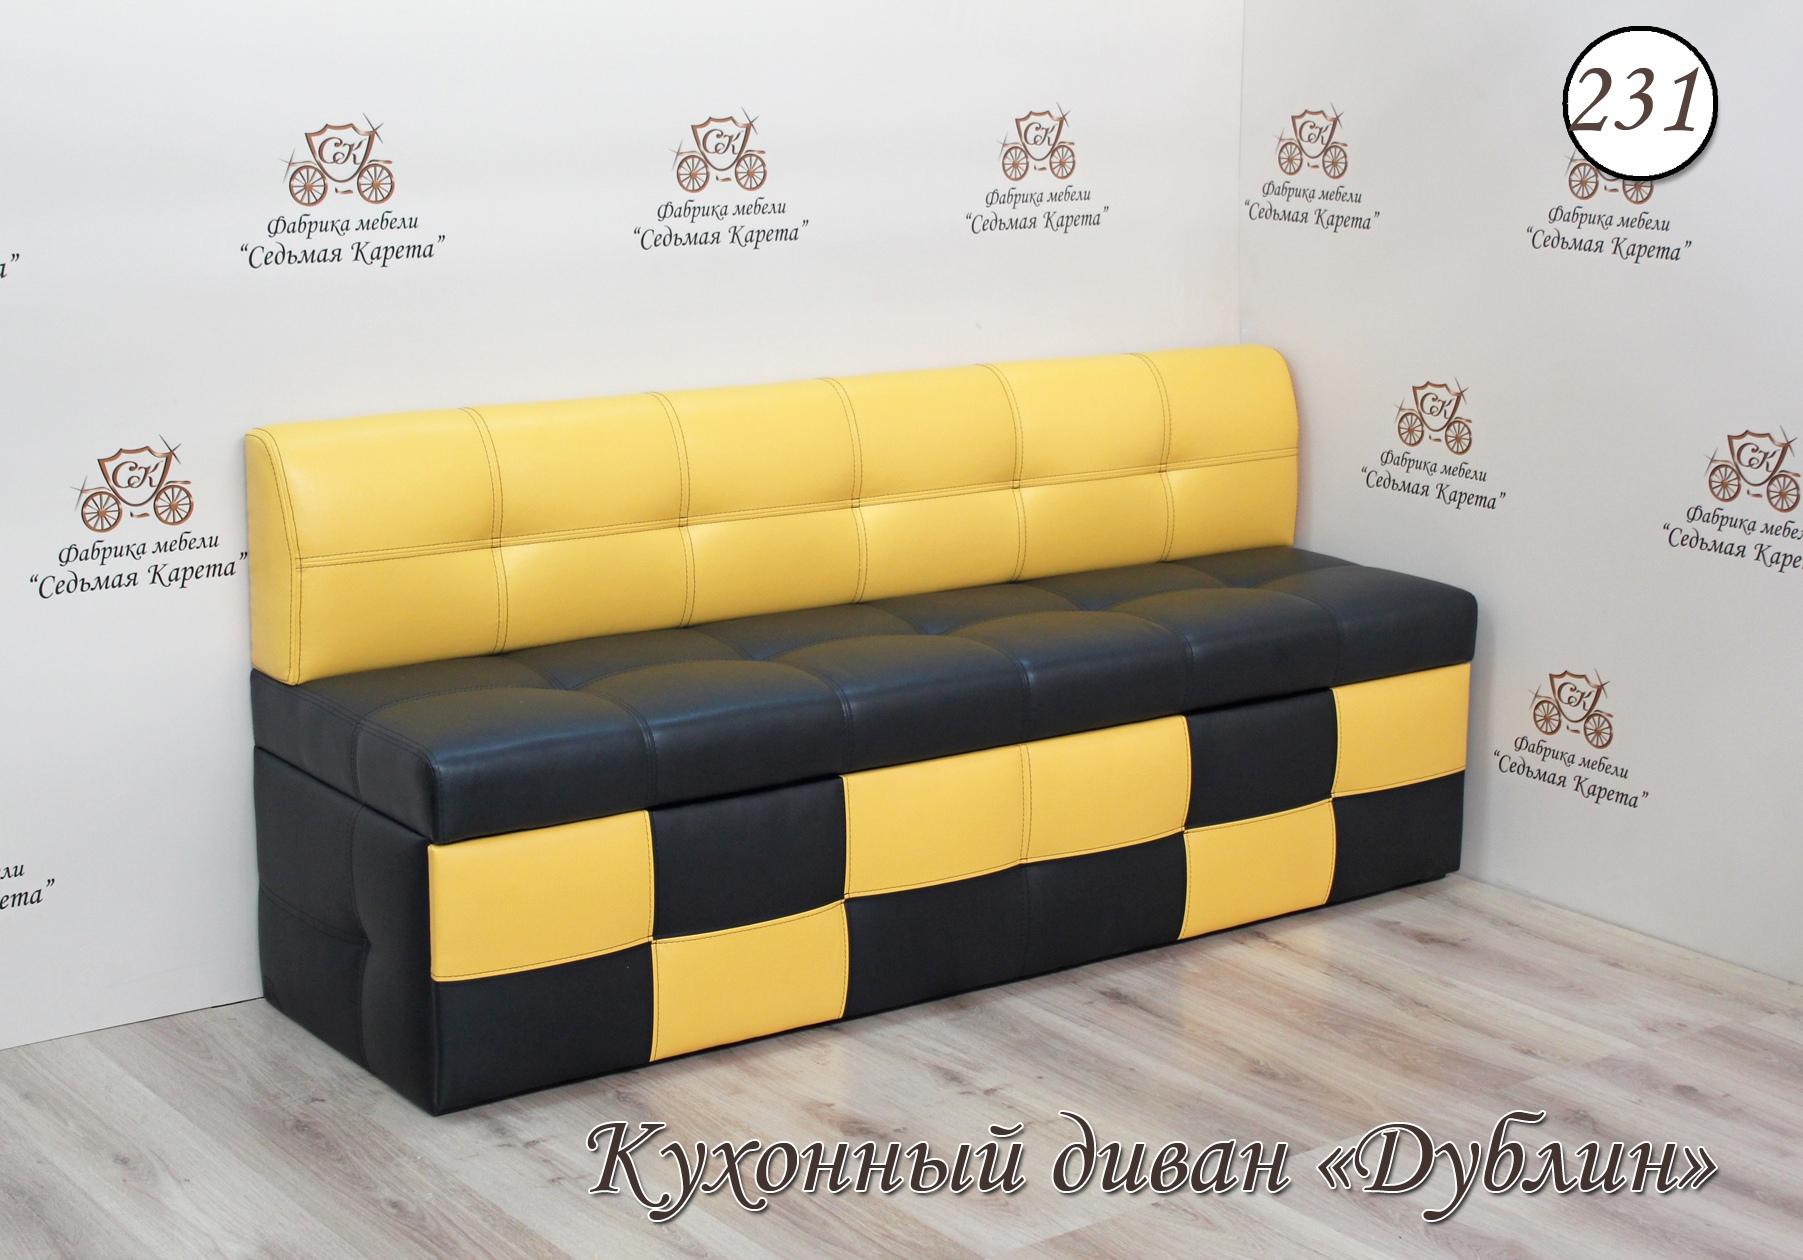 Кухонный диван Дублин-231